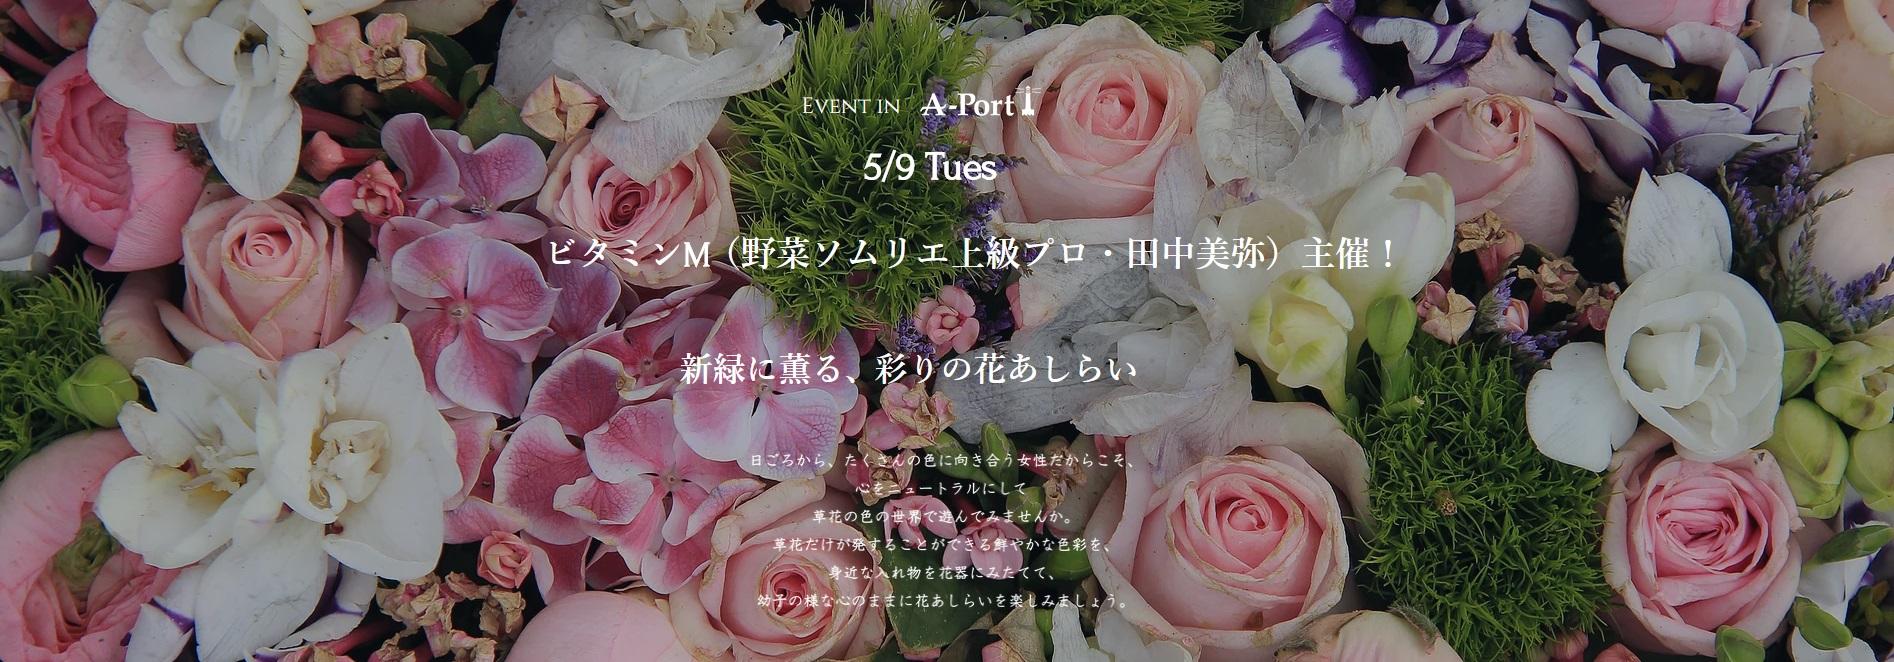 0509彩りの花あしらいビタミンM